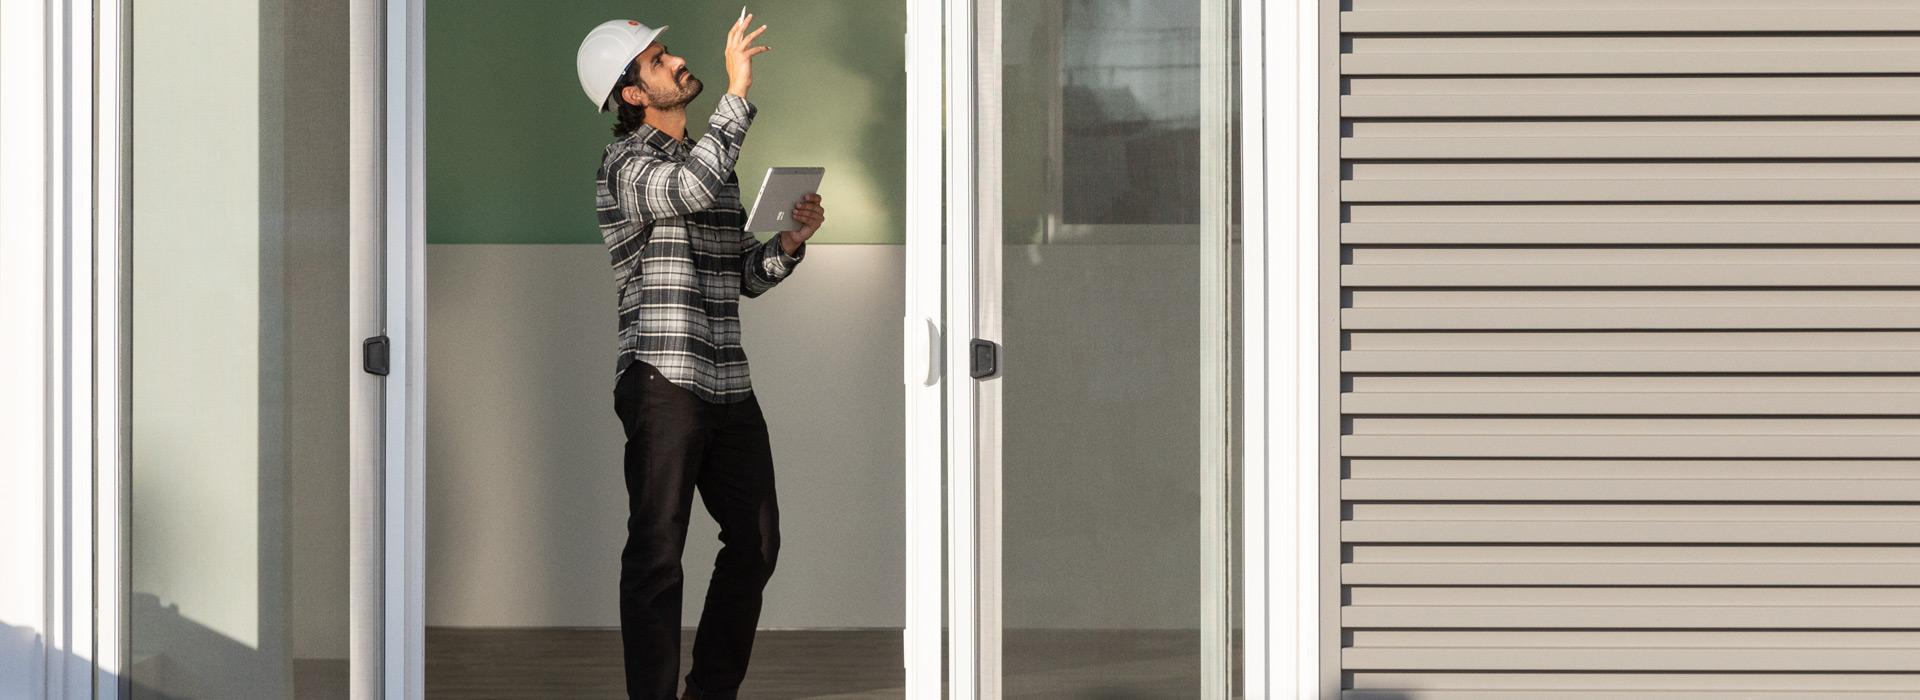 Ein Arbeiter mit einem Schutzhelm in einem Wohngebiet hält ein Surface Go 2 im Tablet-Modus